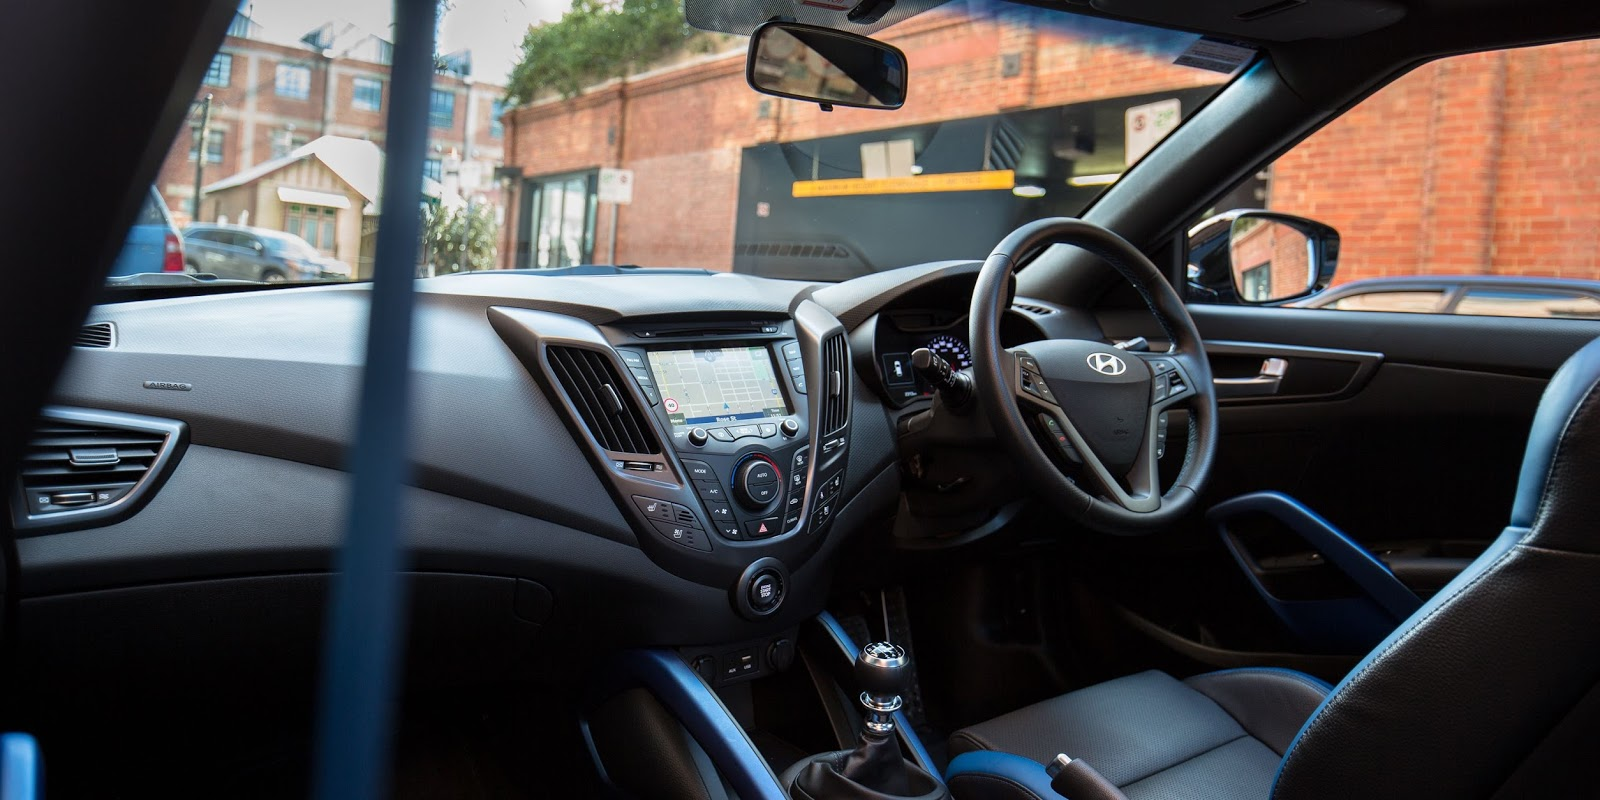 Nội thất của xe như một chiếc xe đua và có nhiều điểm hiện đại